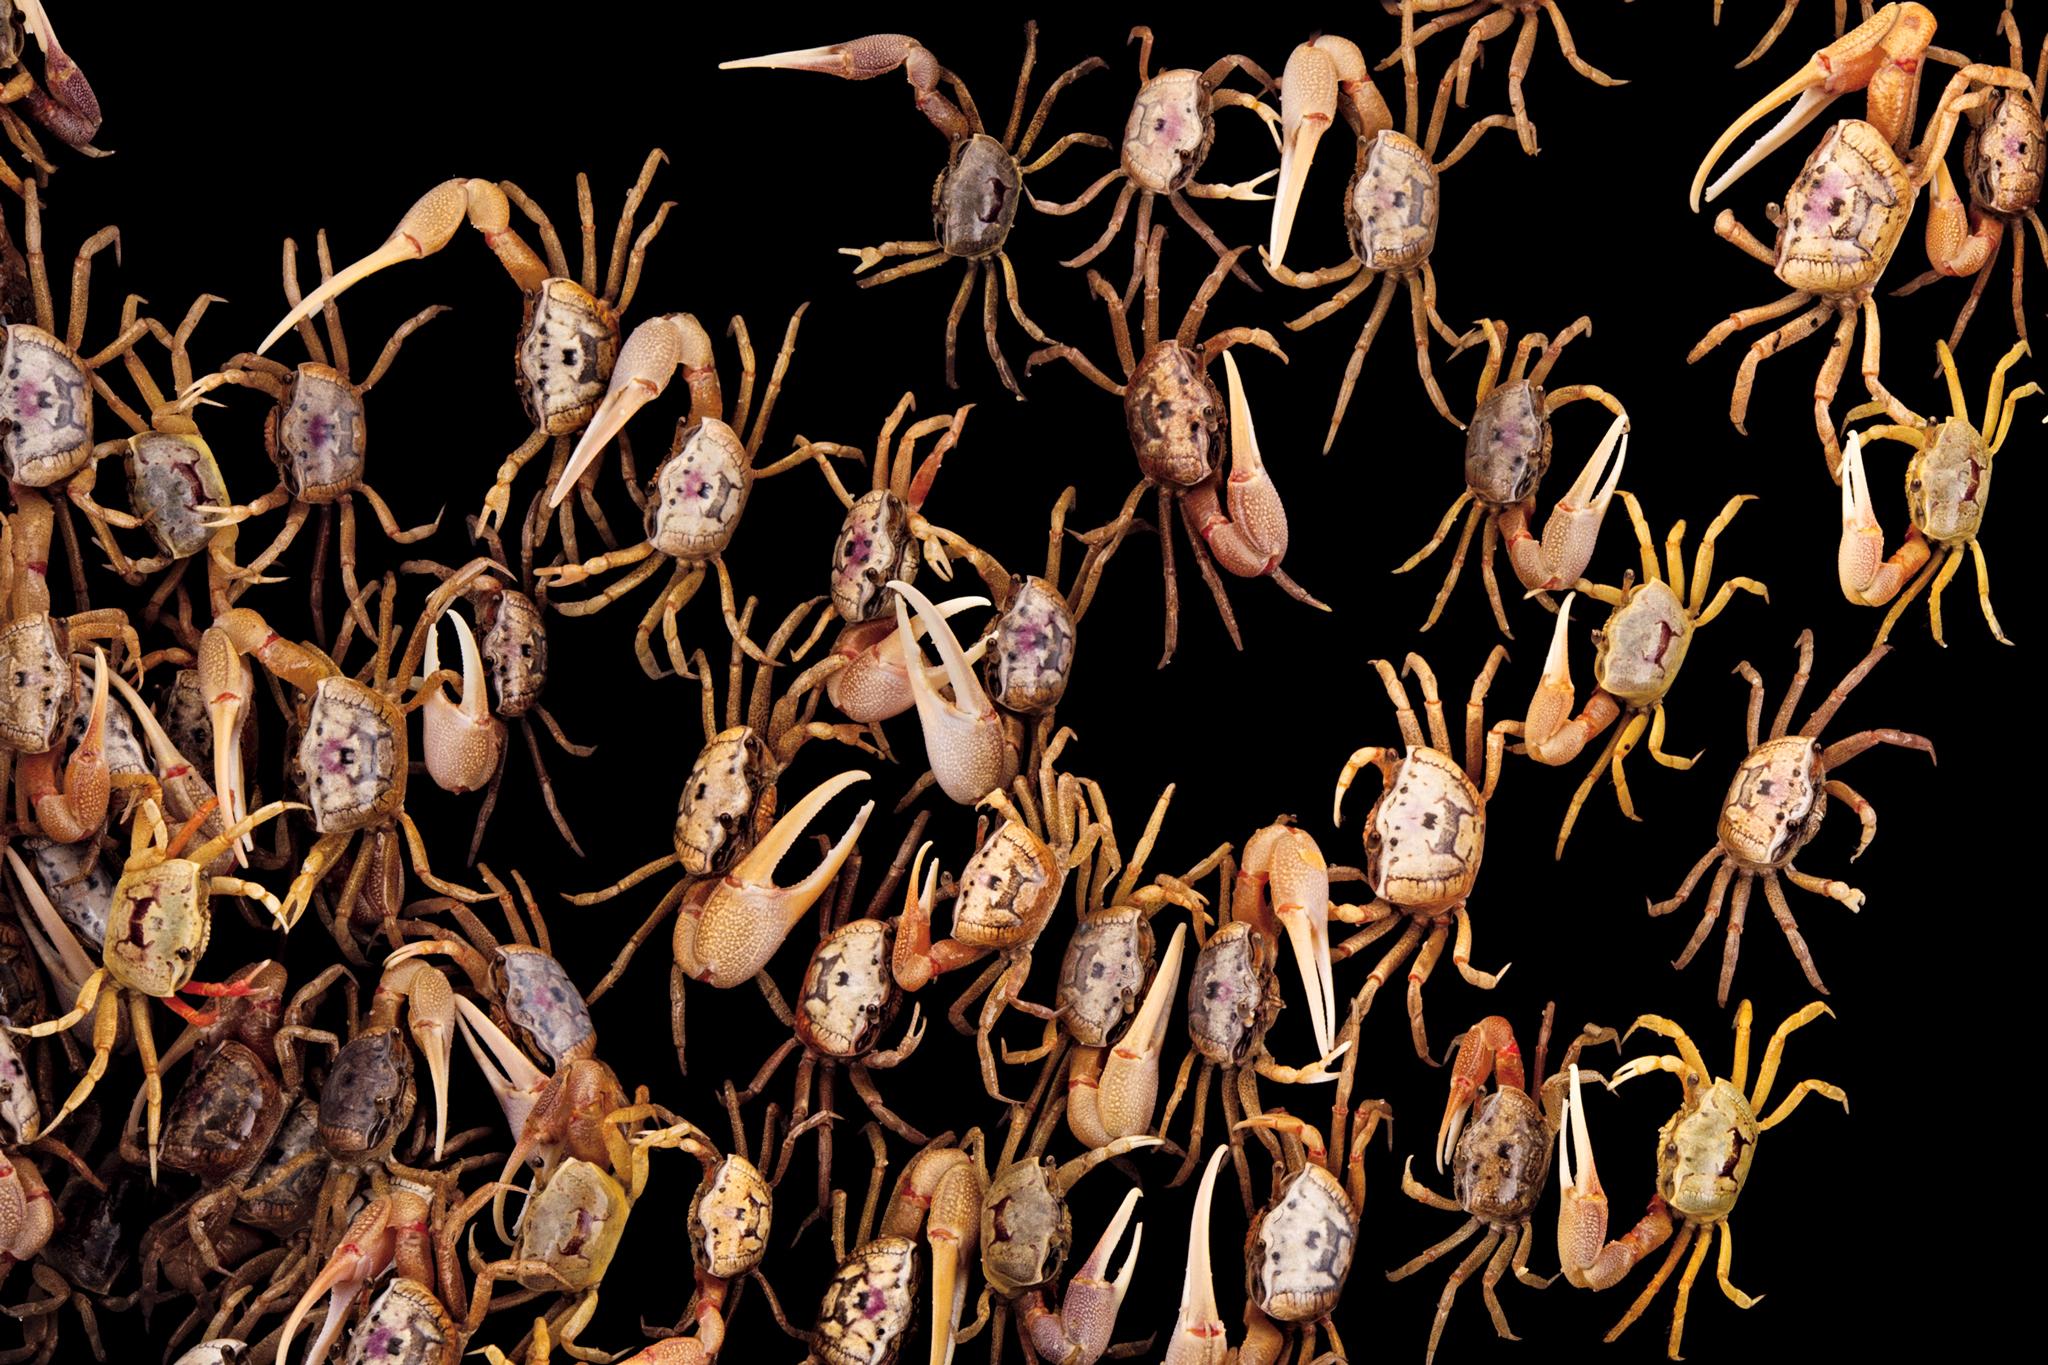 fiddler_crabs.jpg